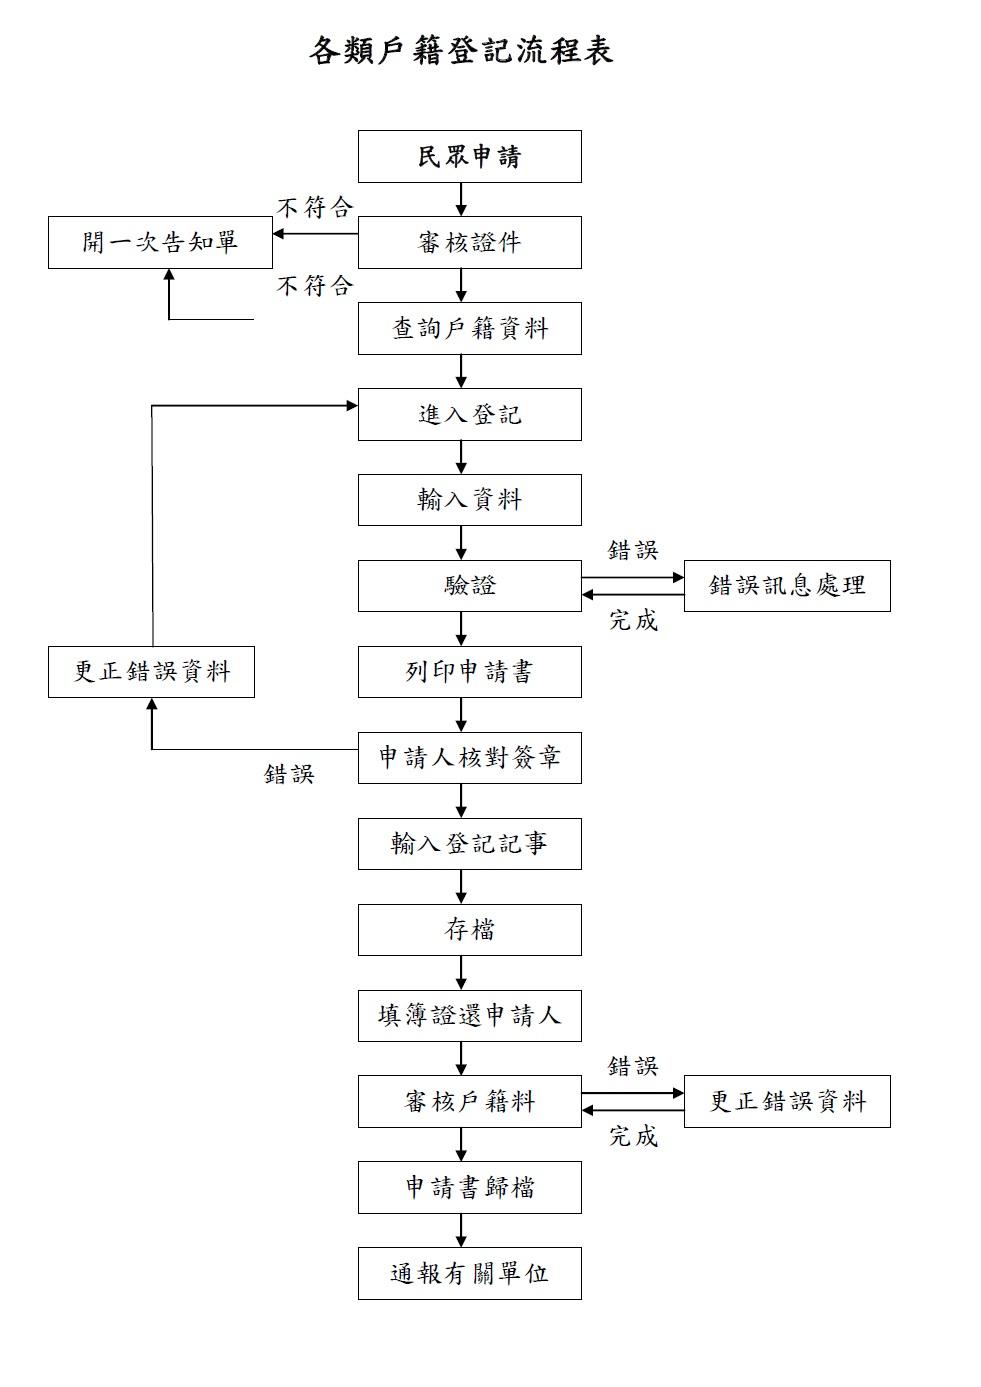 各類戶籍登記流程表